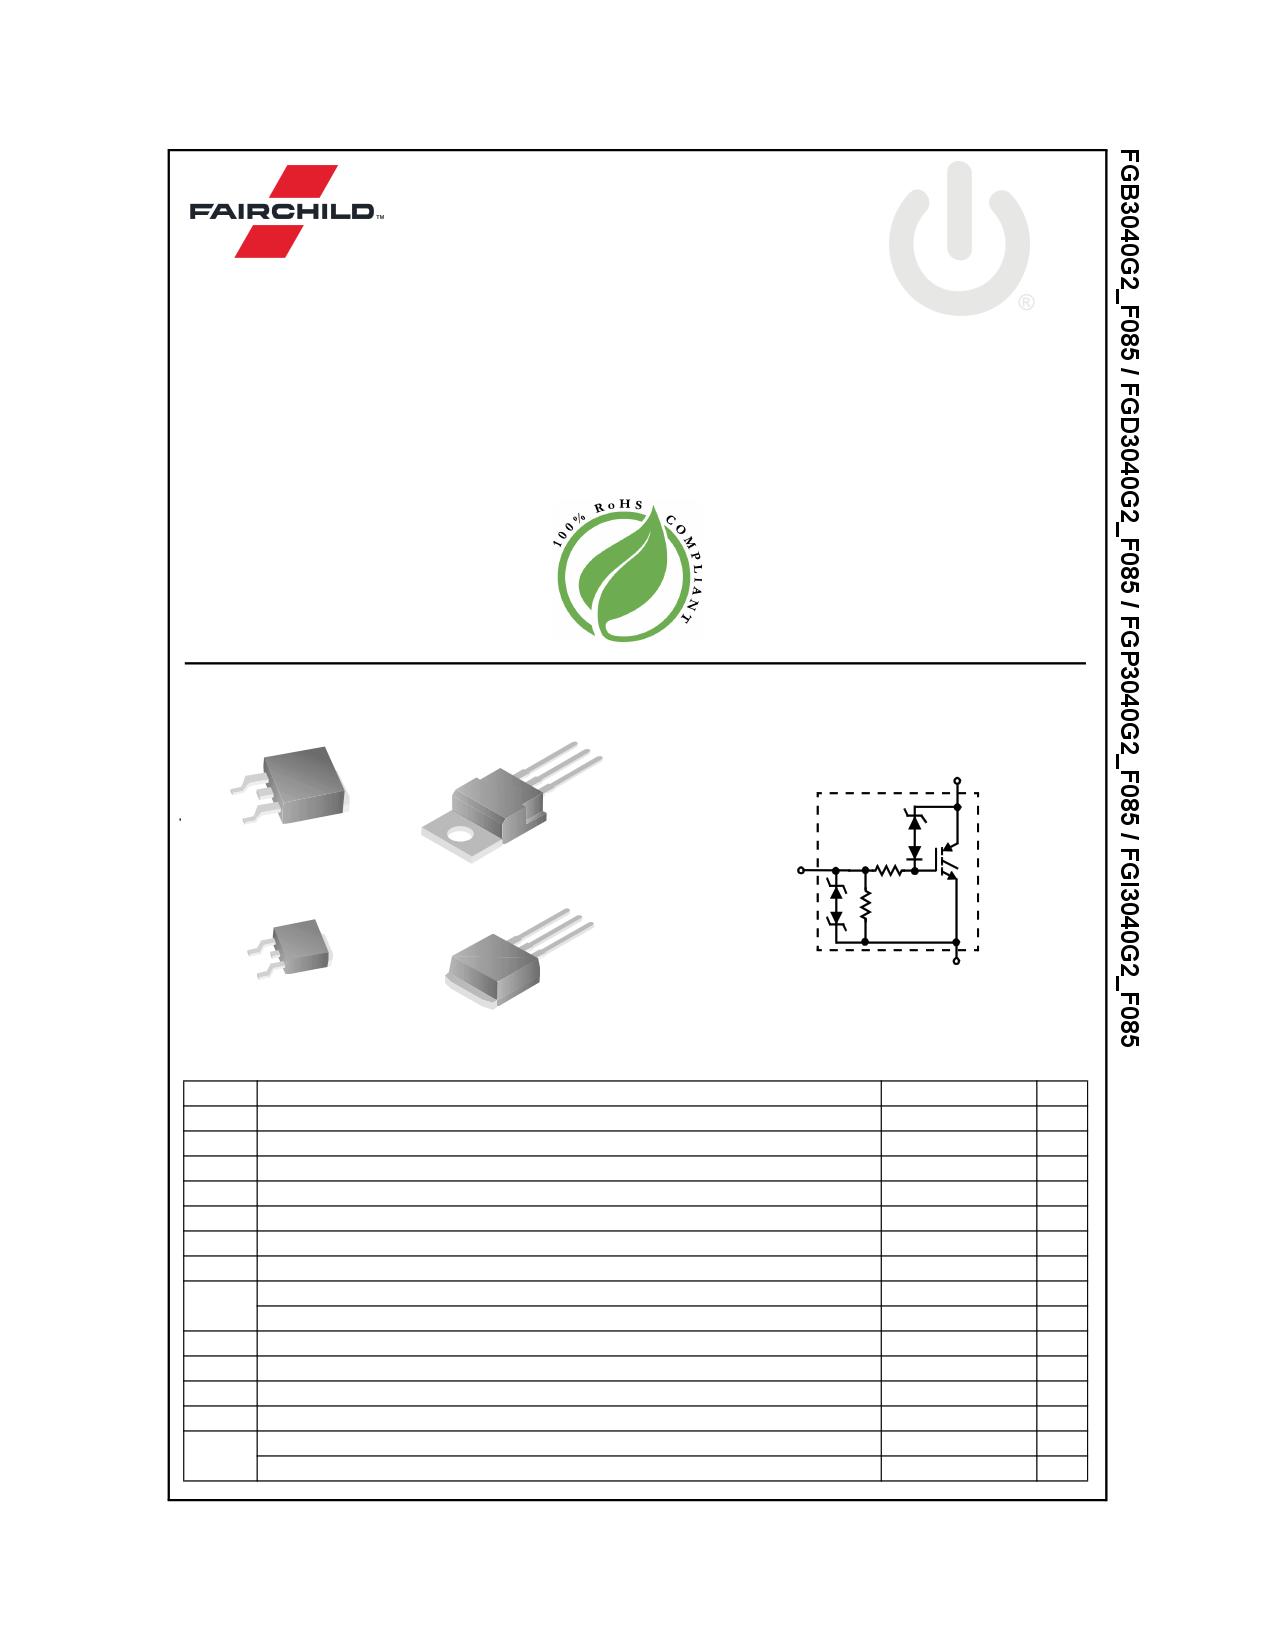 FGI3040G2_F085 데이터시트 및 FGI3040G2_F085 PDF